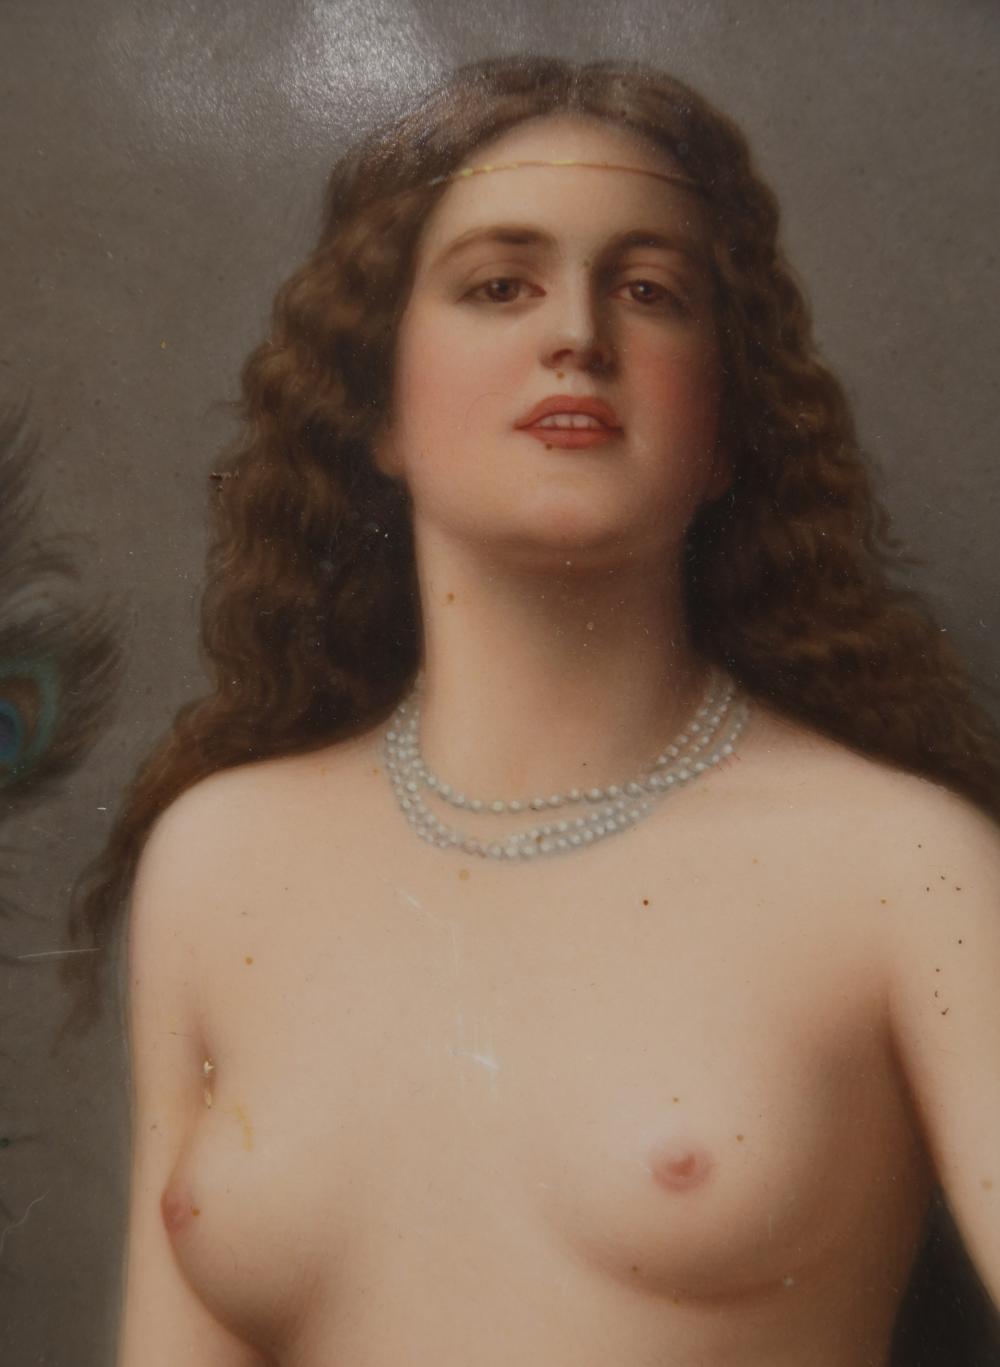 KPM Porcelain Plaque of a Nude Woman